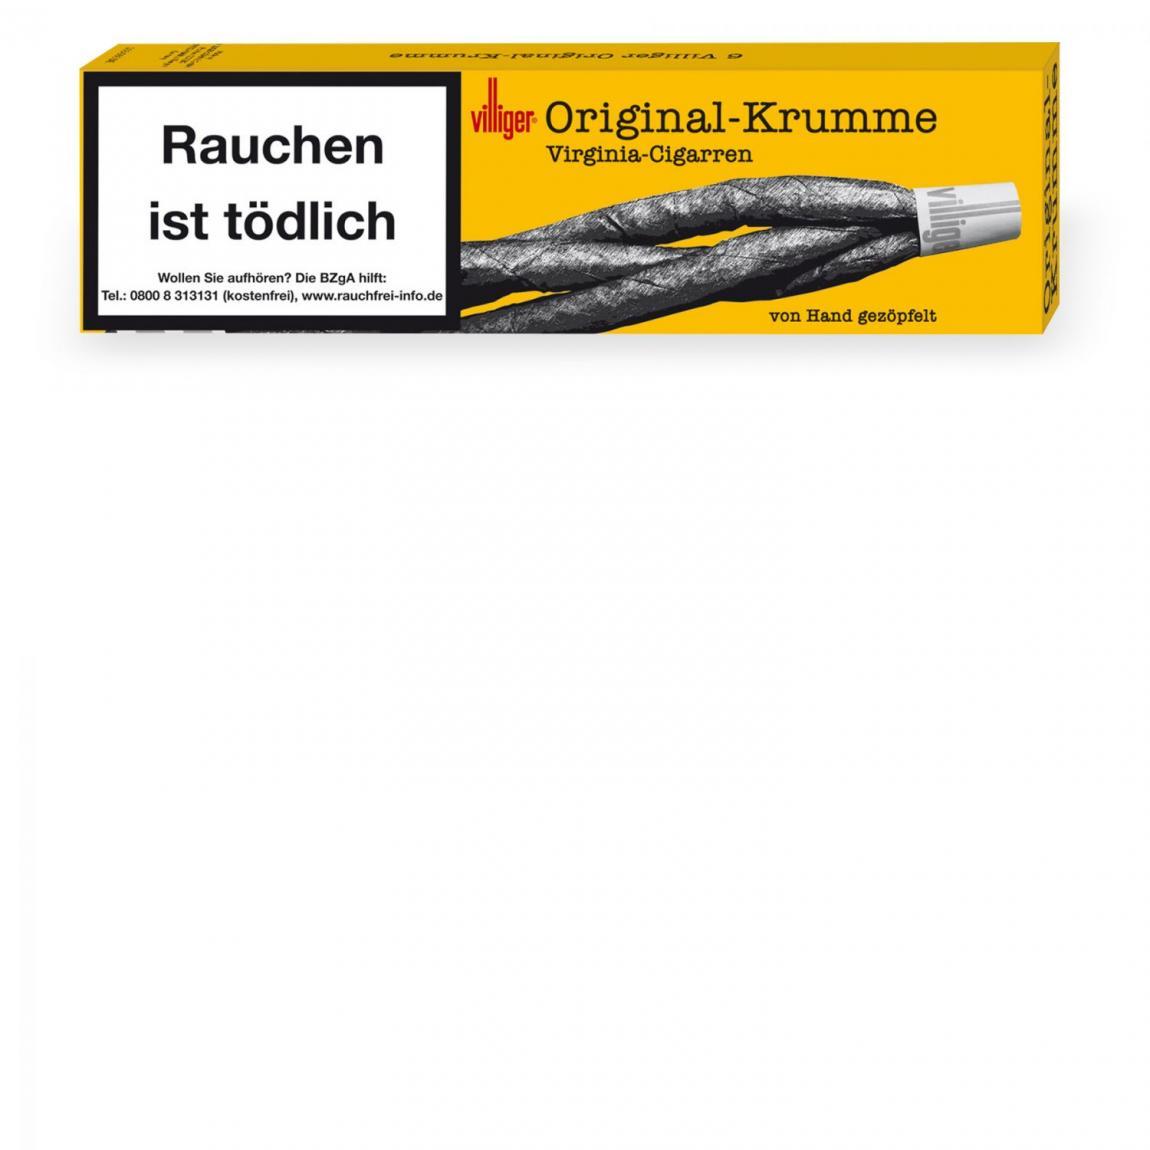 Villiger Original-Krumme 6er Schachtel